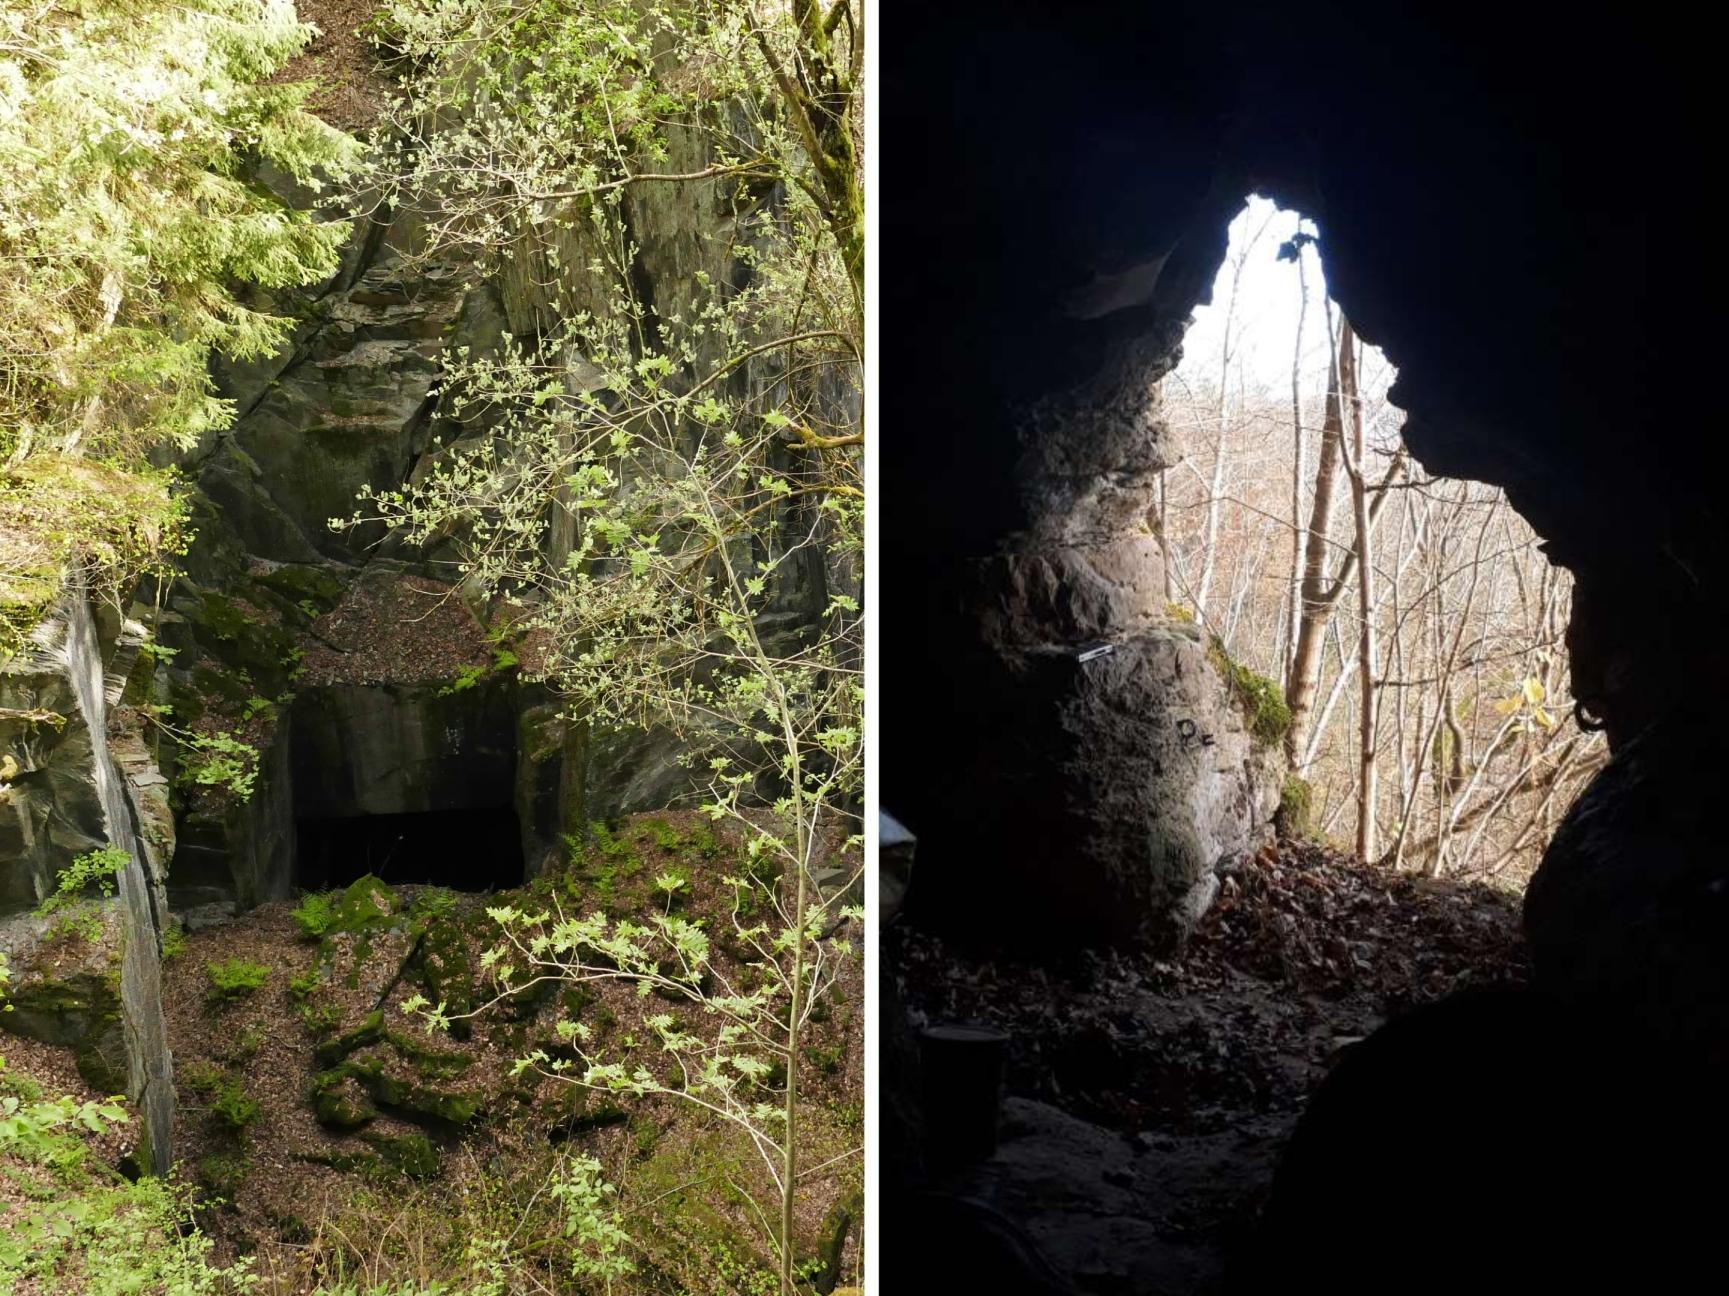 Subterranean habitats in Luxembourg